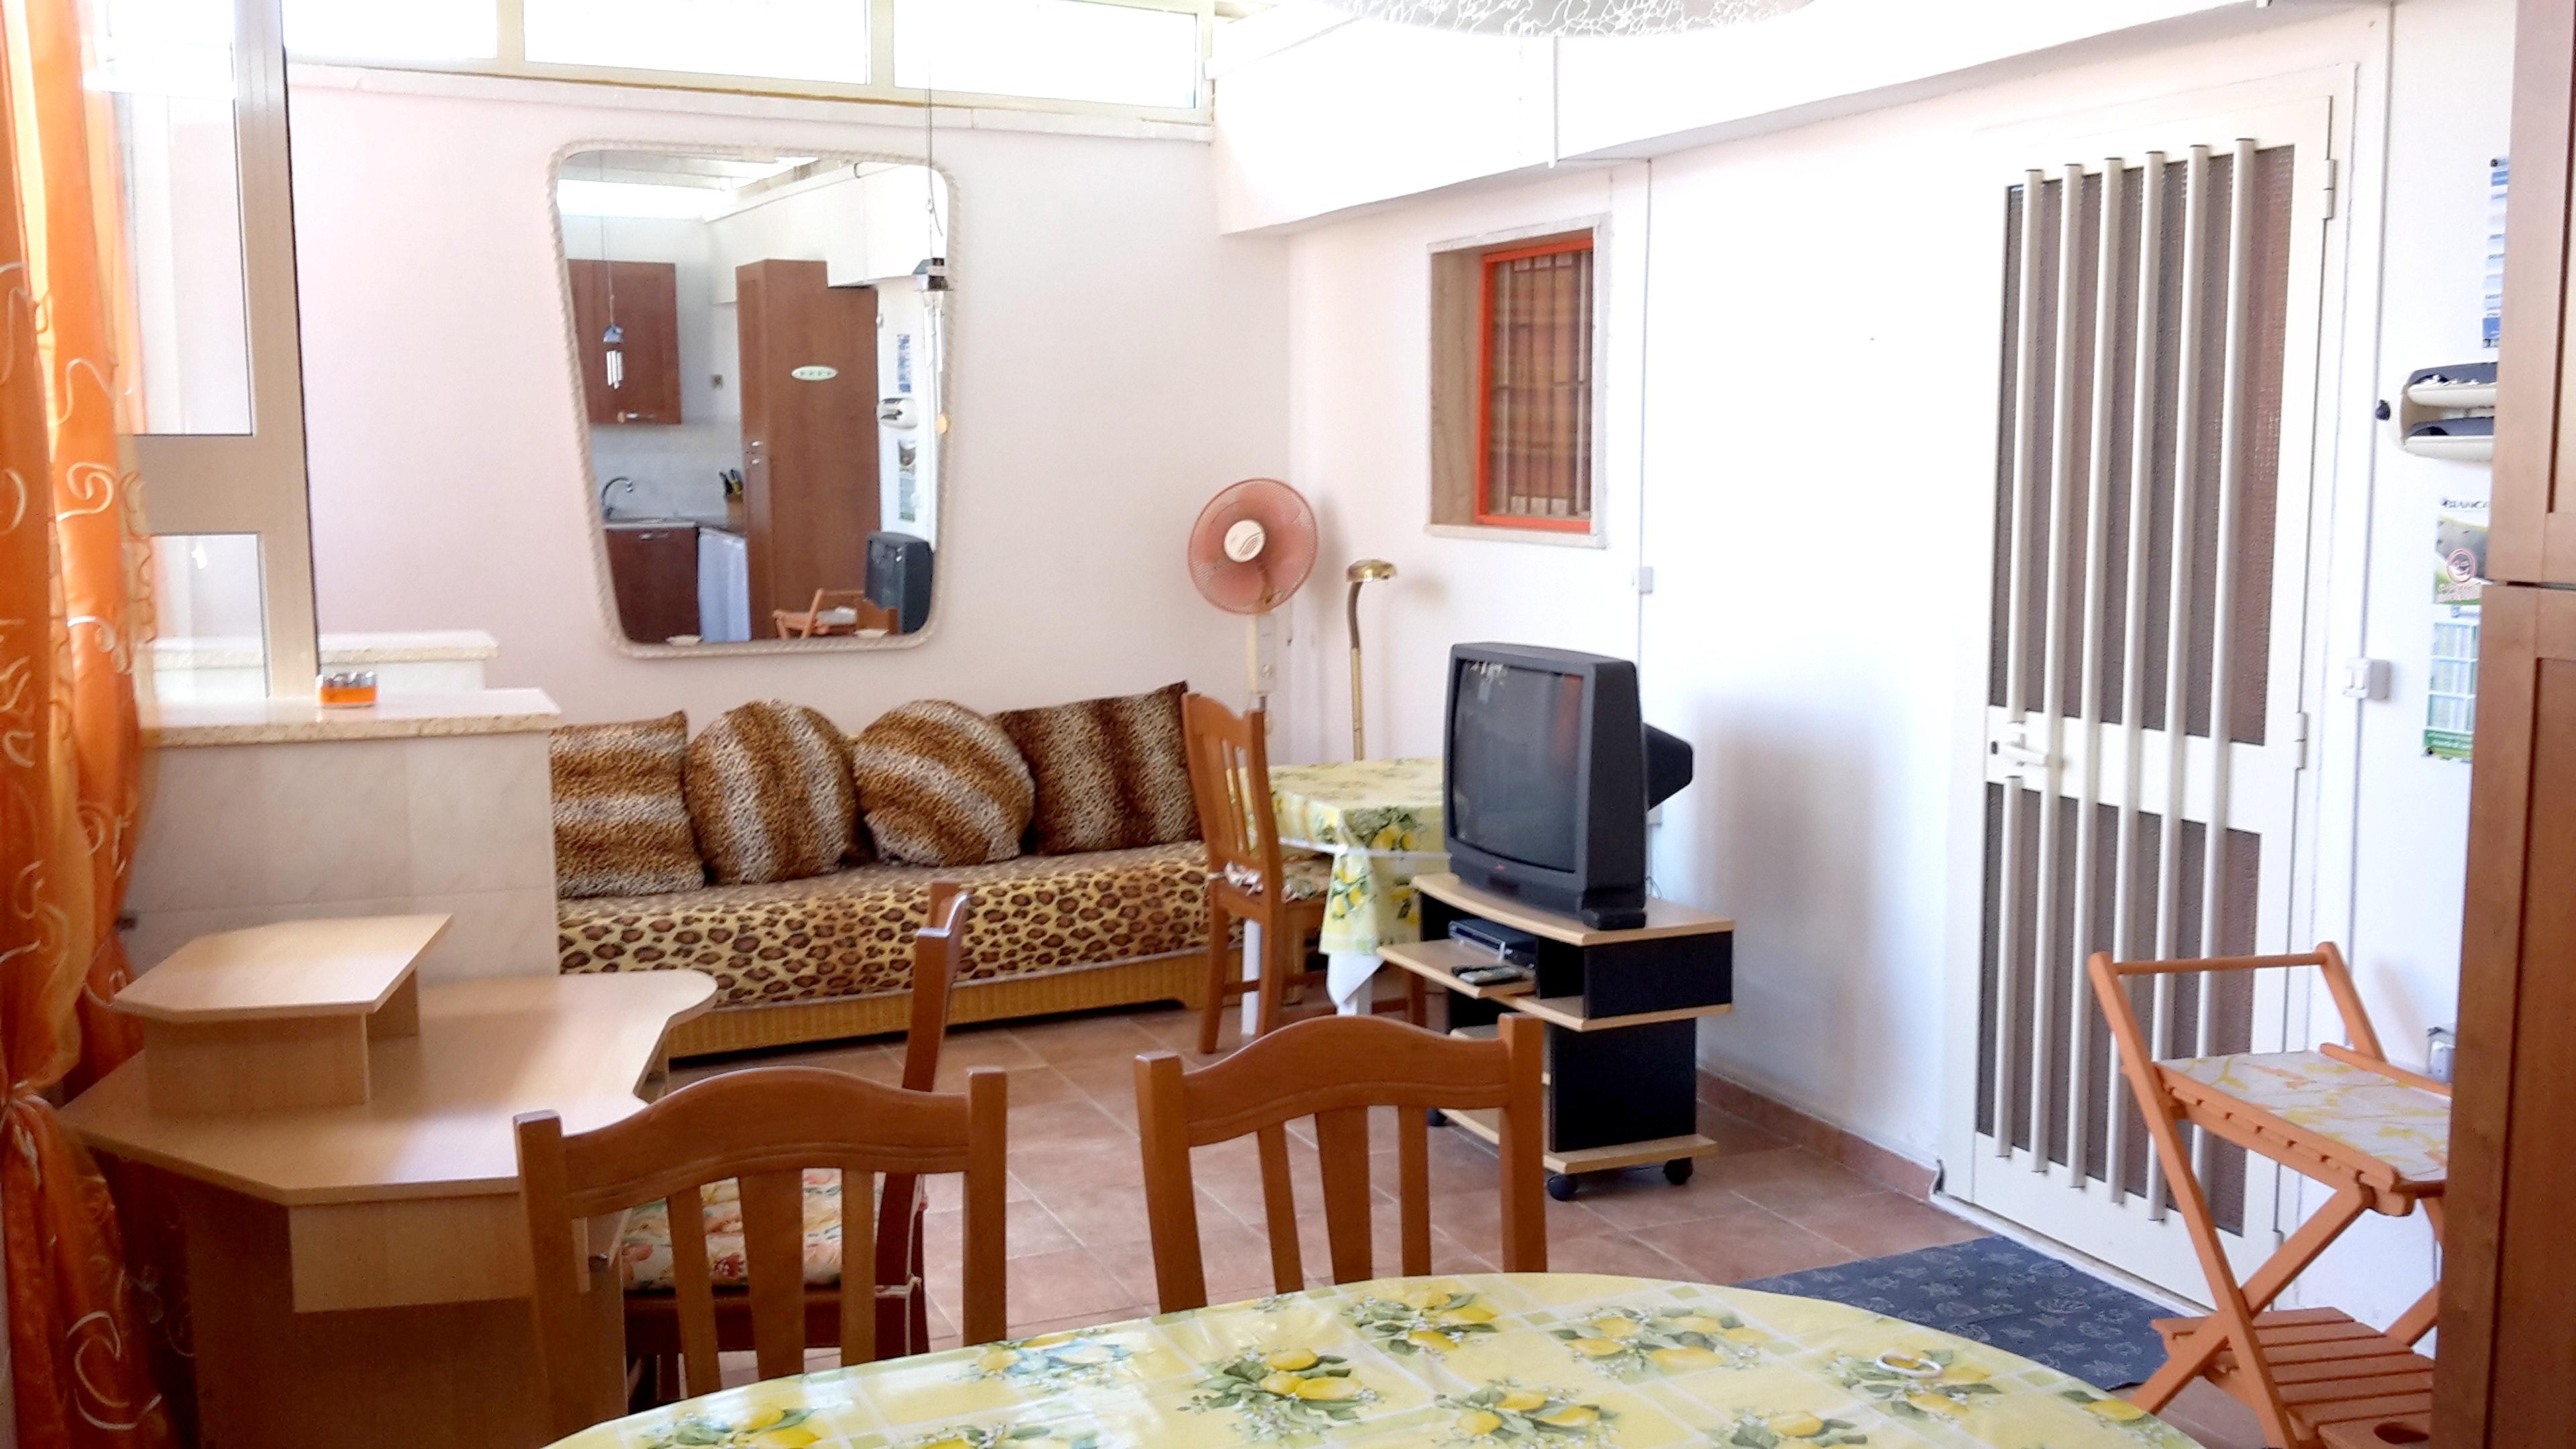 Ferienhaus Haus mit 2 Schlafzimmern in Porto Cesareo (Lecce) mit Pool, möbliertem Garten und W-LAN (2201032), Porto Cesareo, Lecce, Apulien, Italien, Bild 16